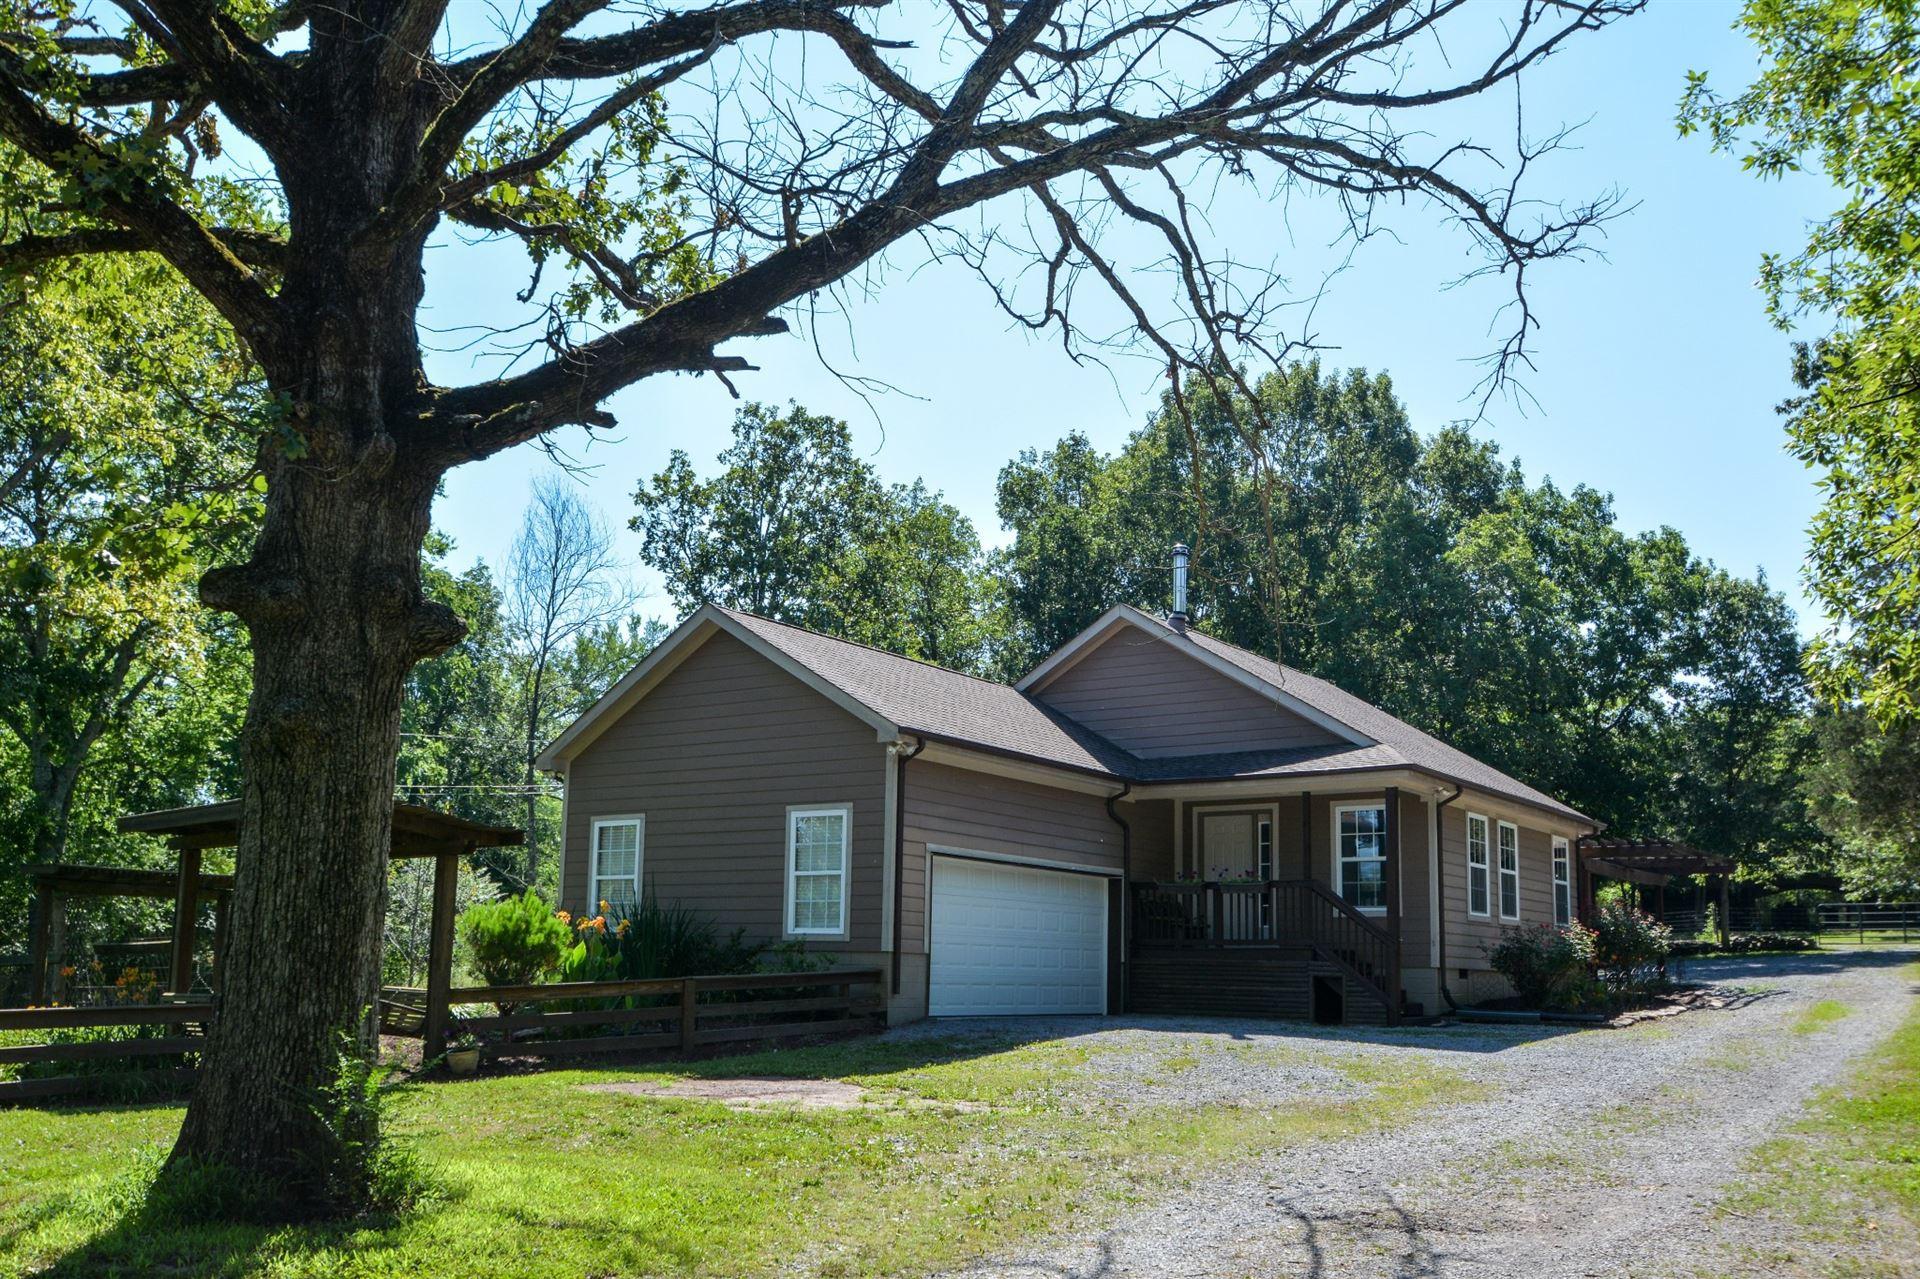 Photo of 952 Cranor Rd, Murfreesboro, TN 37130 (MLS # 2167898)